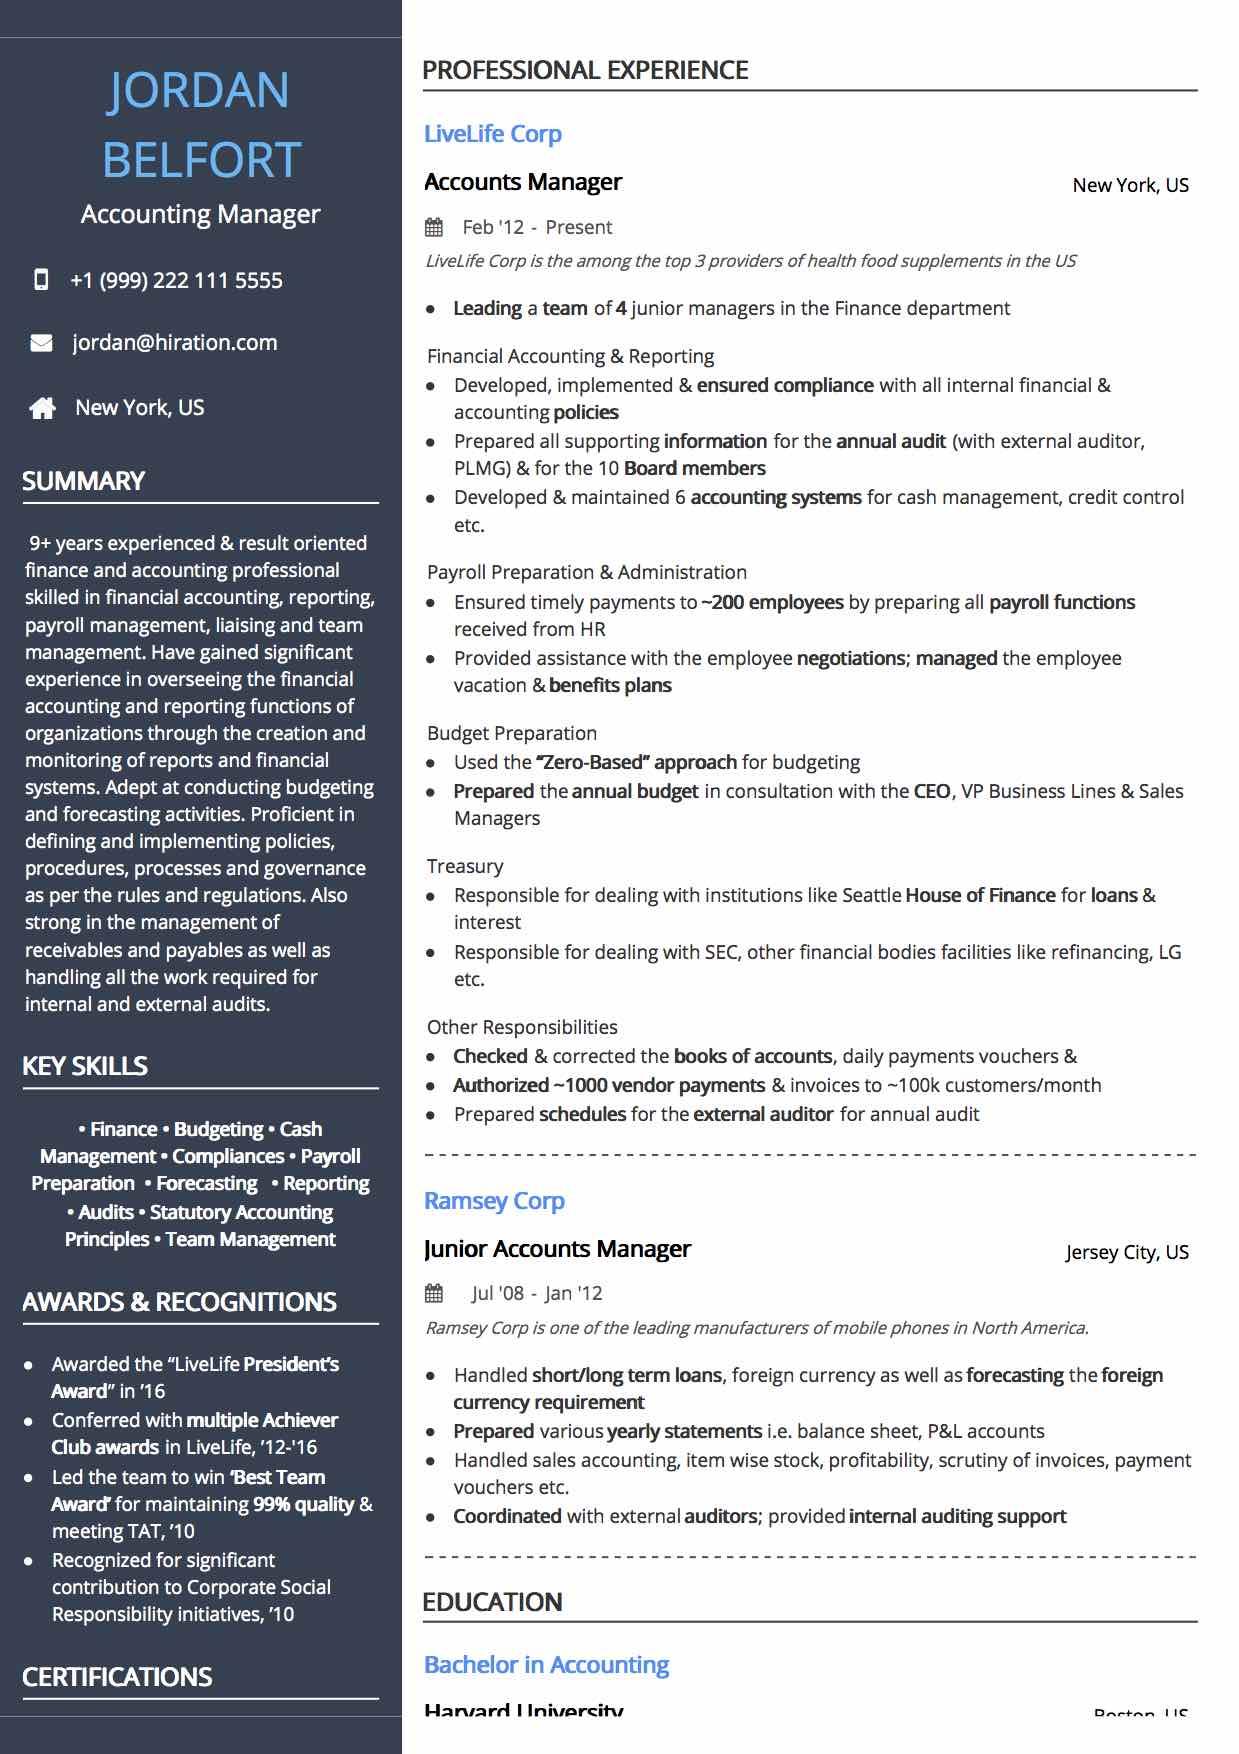 20 Professional Resume Designs